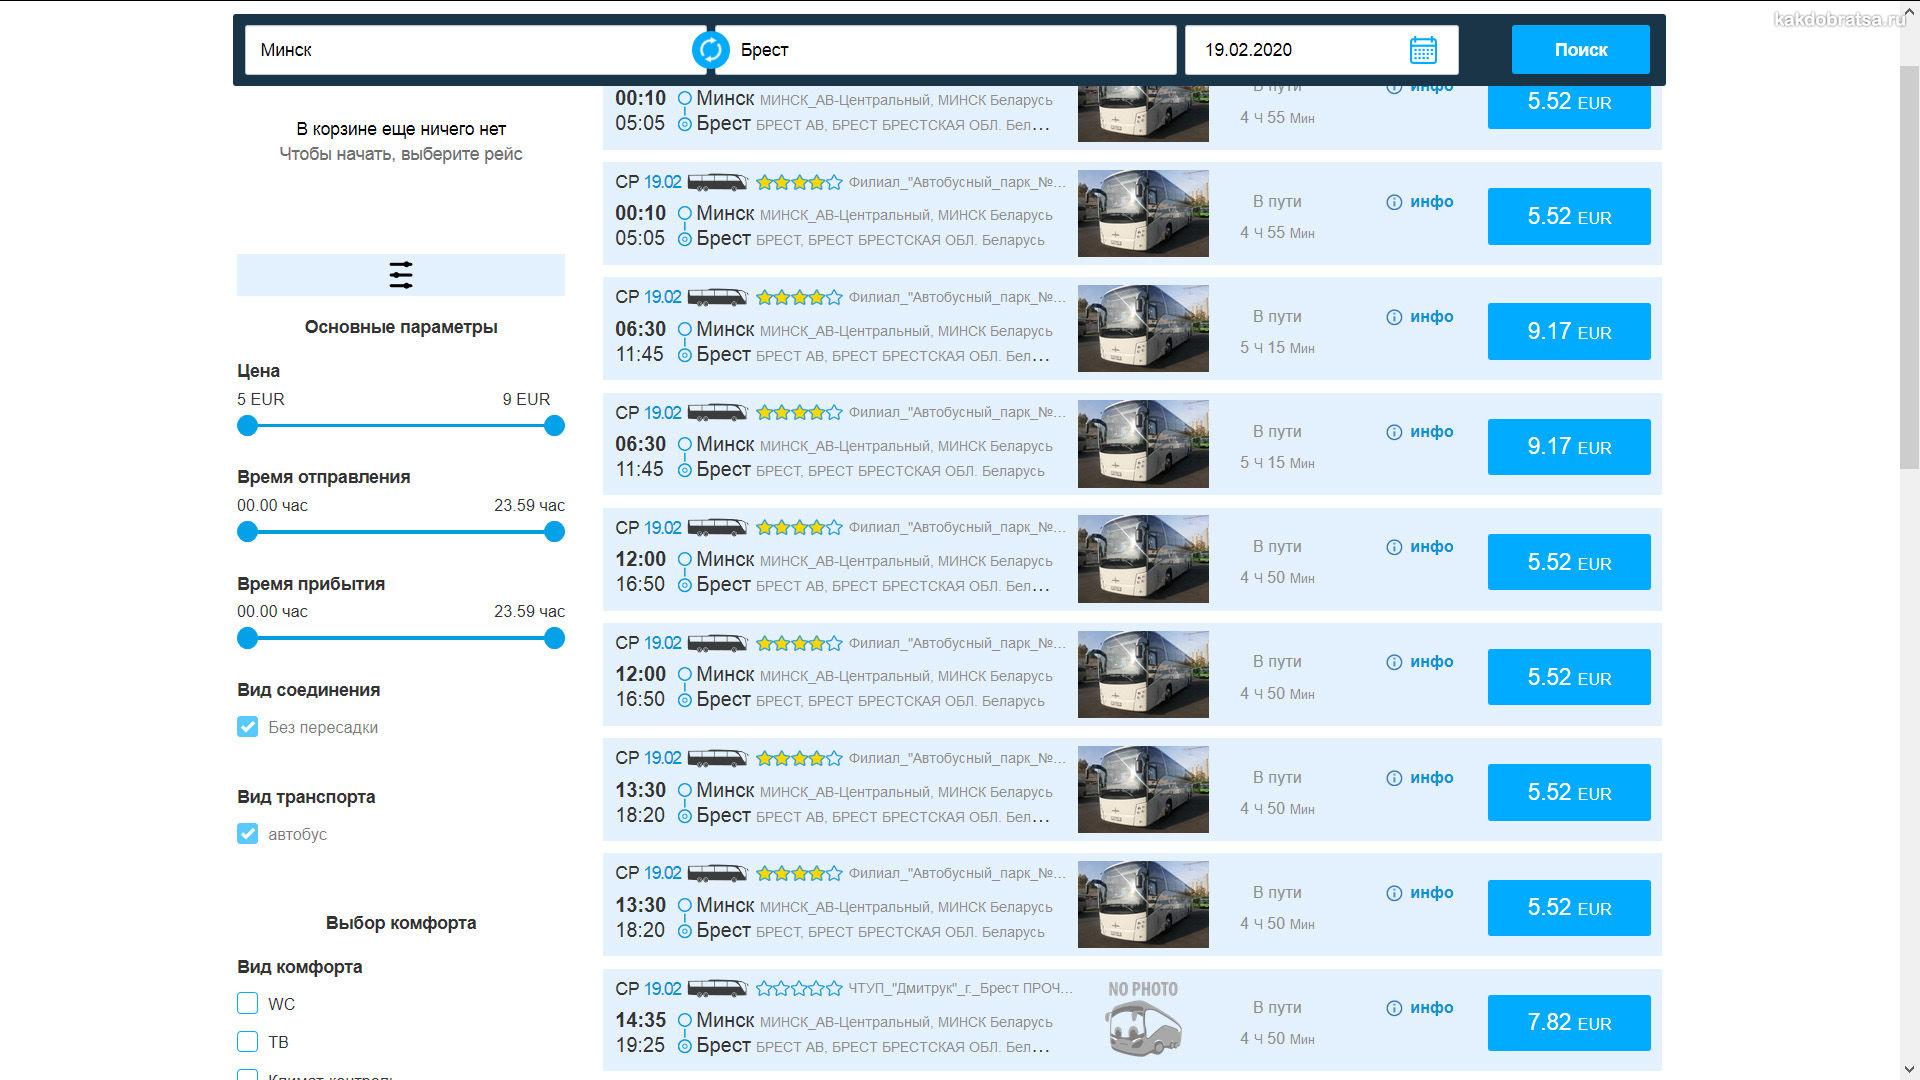 Расписание автобусов из Минска в Брест